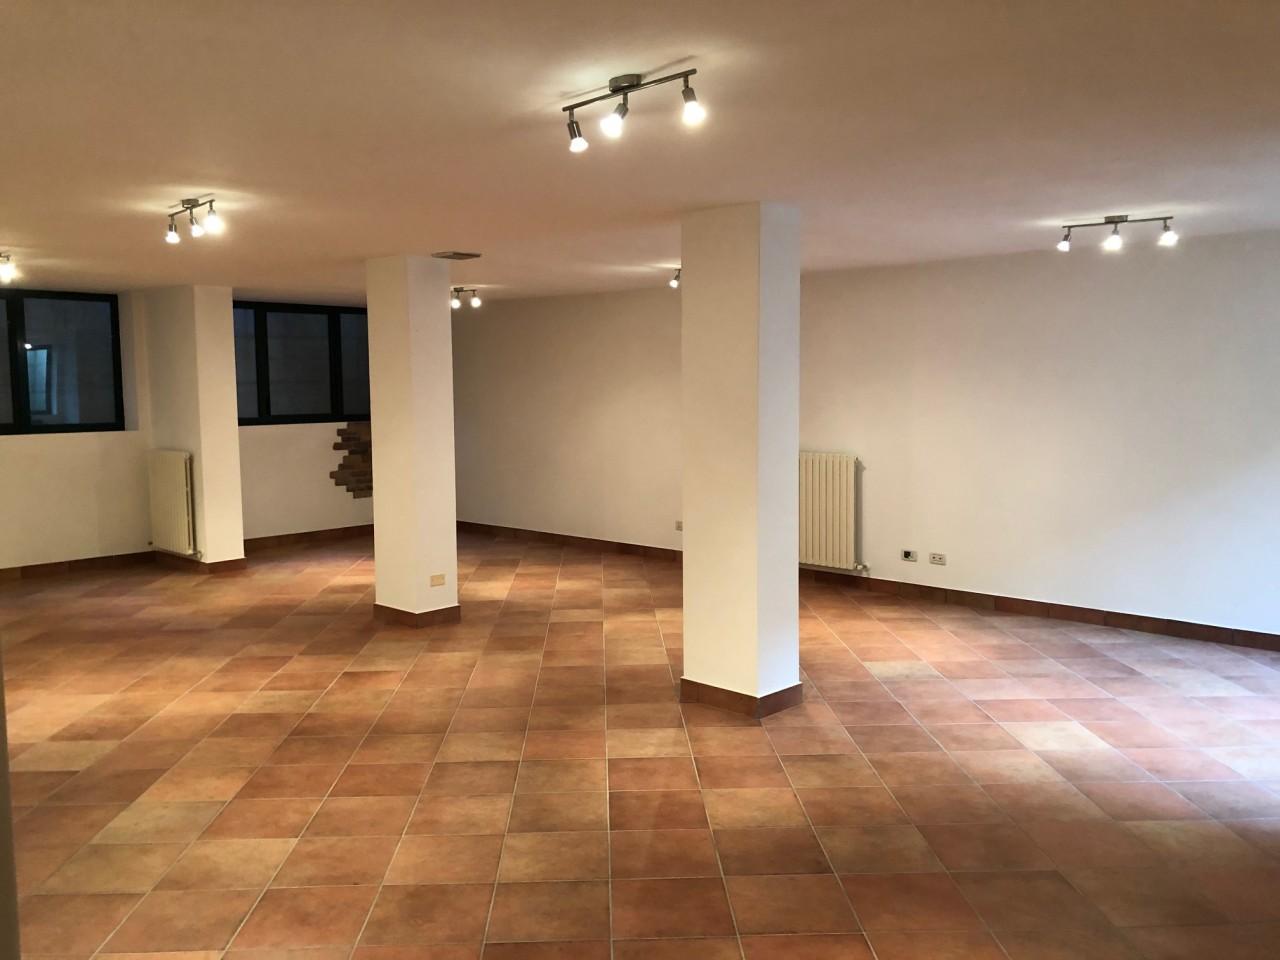 R465 Elegante Porzione di Bifamiliare con giardino a Montegrotto Terme https://media.gestionaleimmobiliare.it/foto/annunci/190606/2016261/1280x1280/016__Porzione_Bifamiliare_Montegrotto_Terme.jpg